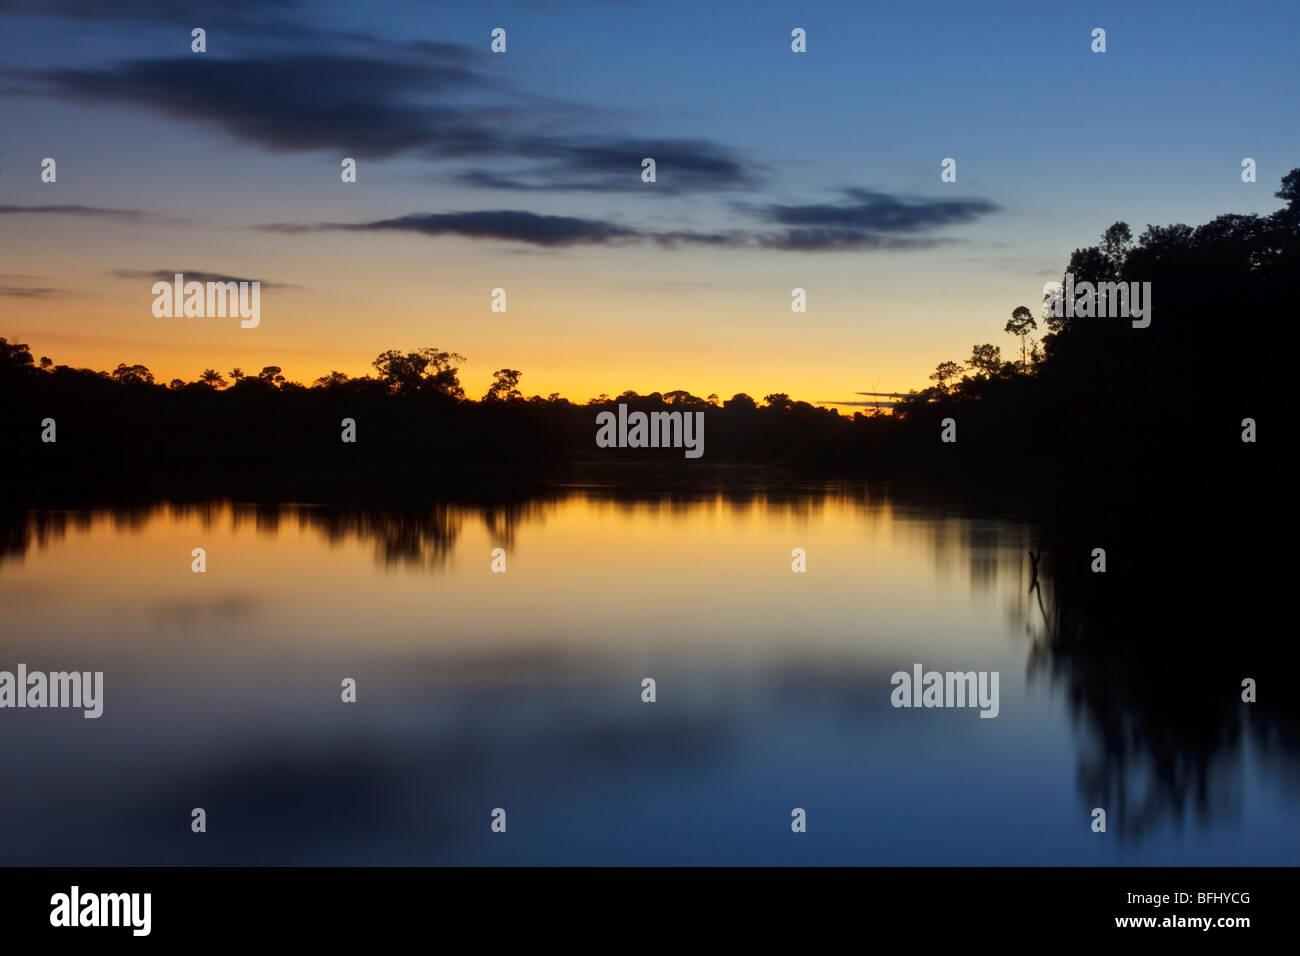 El sol terminando otro hermoso día en el Amazonas. Imagen De Stock